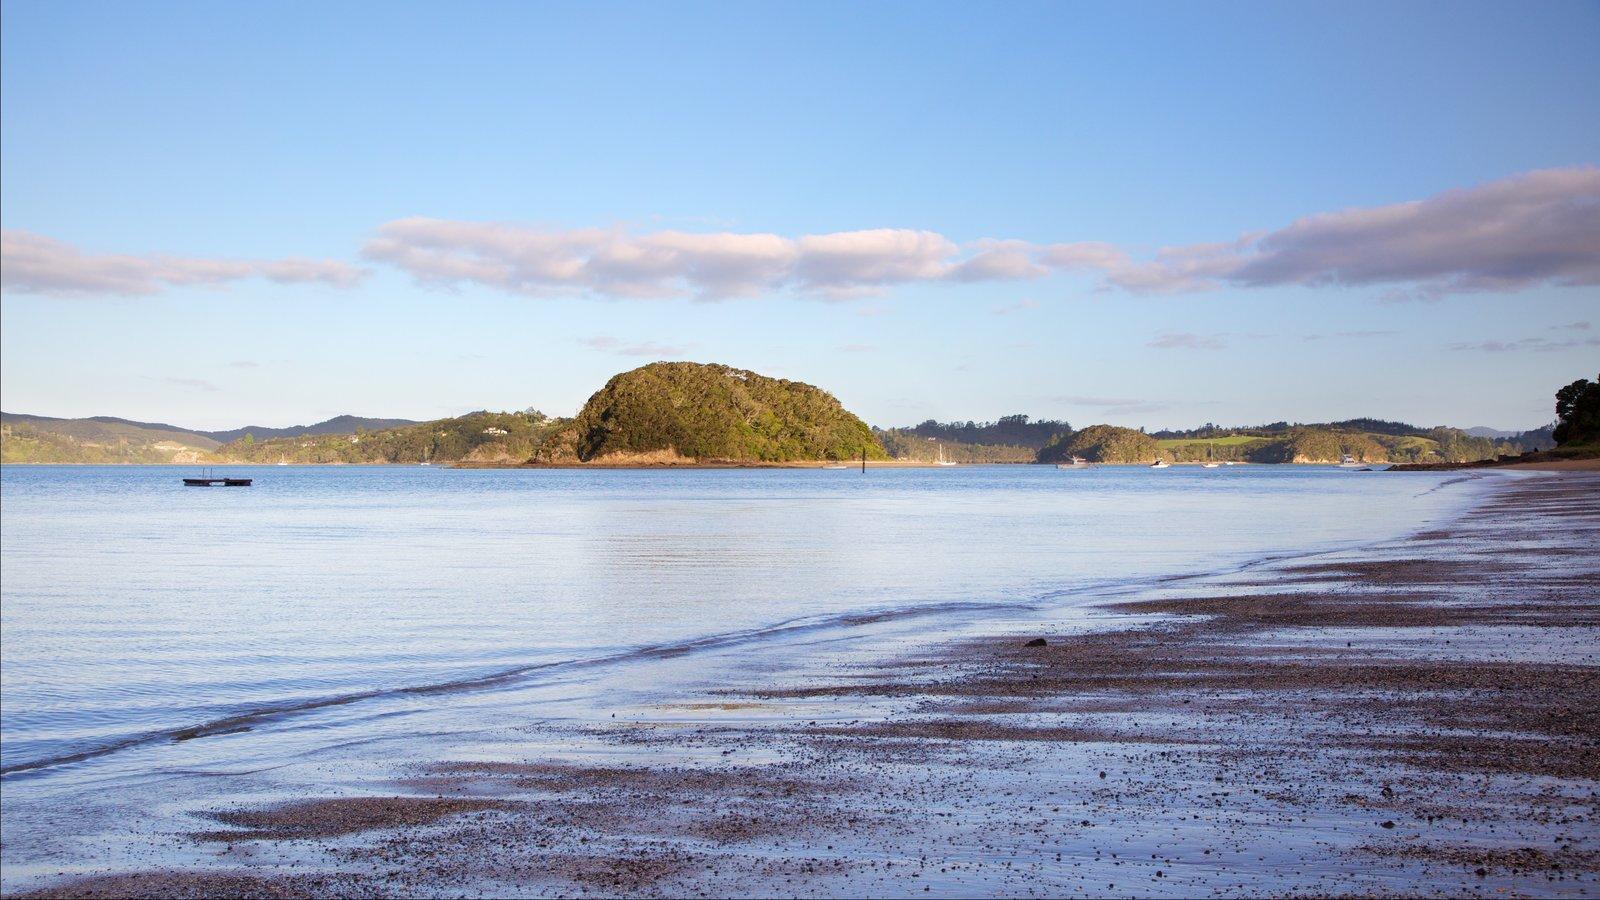 Paihia ofreciendo una playa, vistas generales de la costa y una bahía o puerto